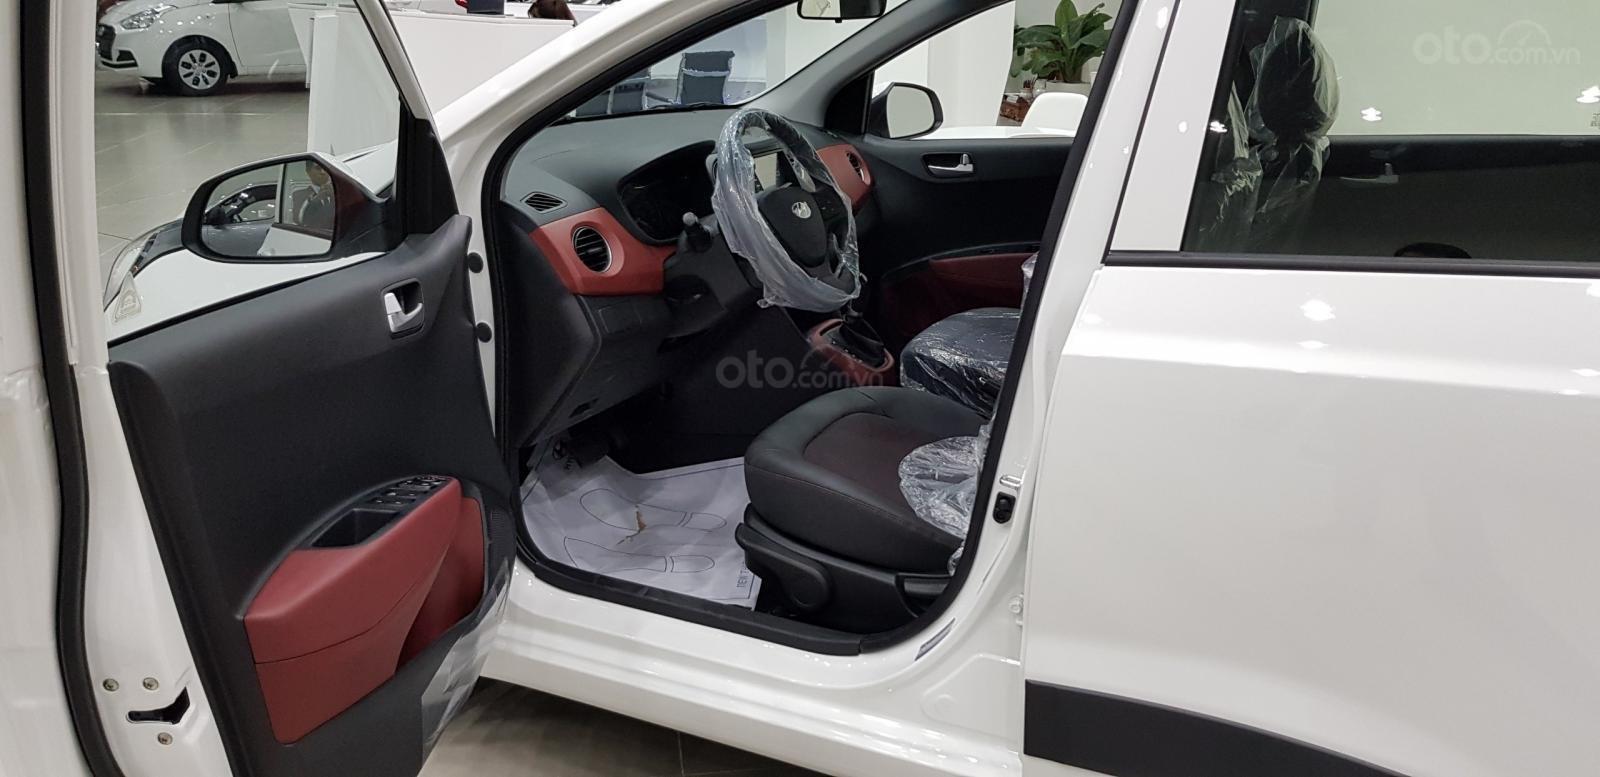 Bán Hyundai i10 hatchback, sản xuất 2019, có giao ngay, giá cạnh tranh, đủ màu, LH 0971626238 (8)